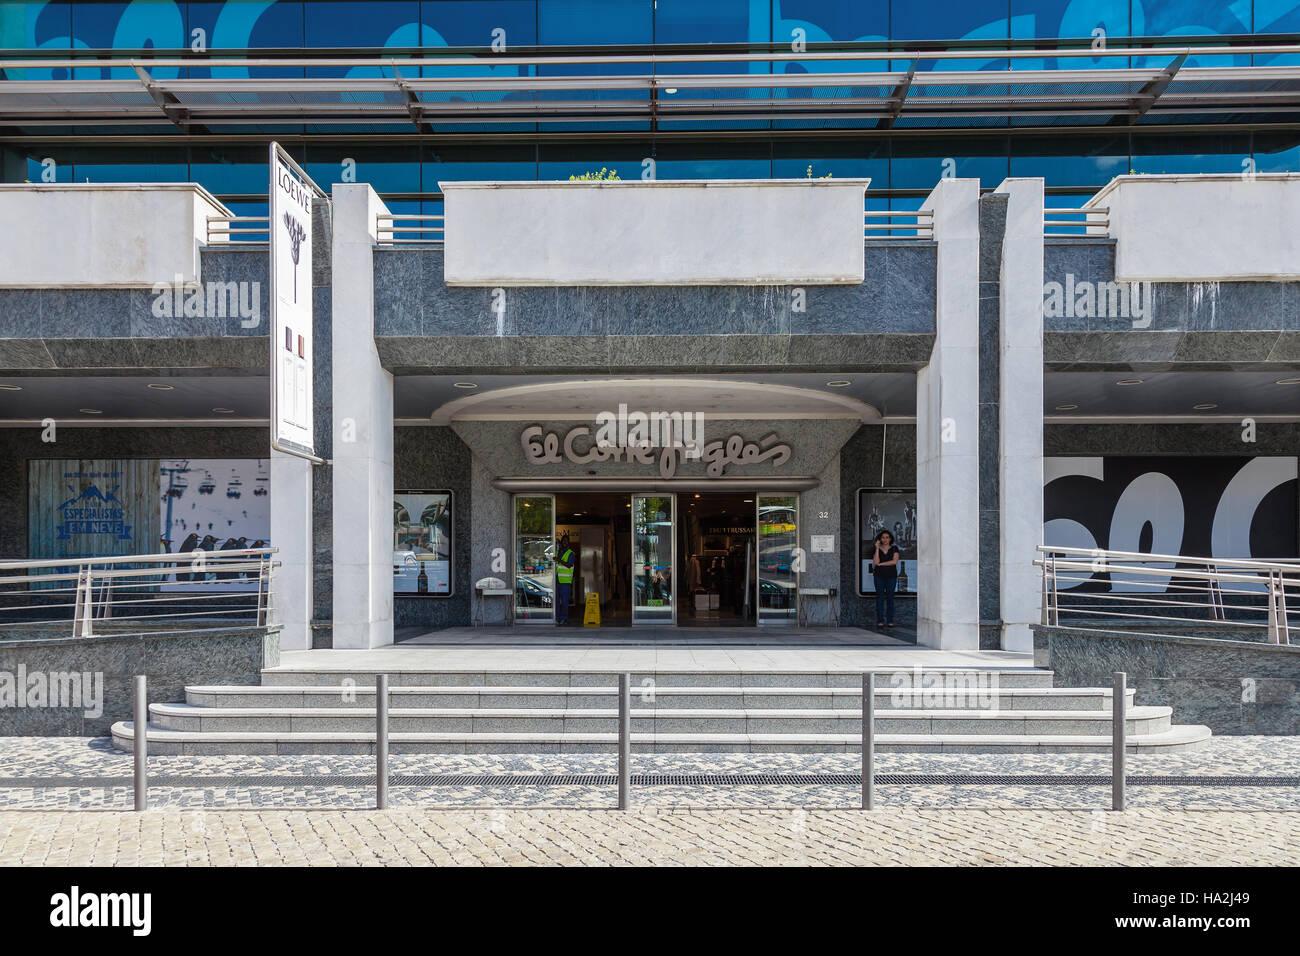 Ein Eintritt in das El Corte Ingles, ein high-End-Shopping-Mall der globalen Handelsunternehmen, nahe dem Park Eduardo Stockbild